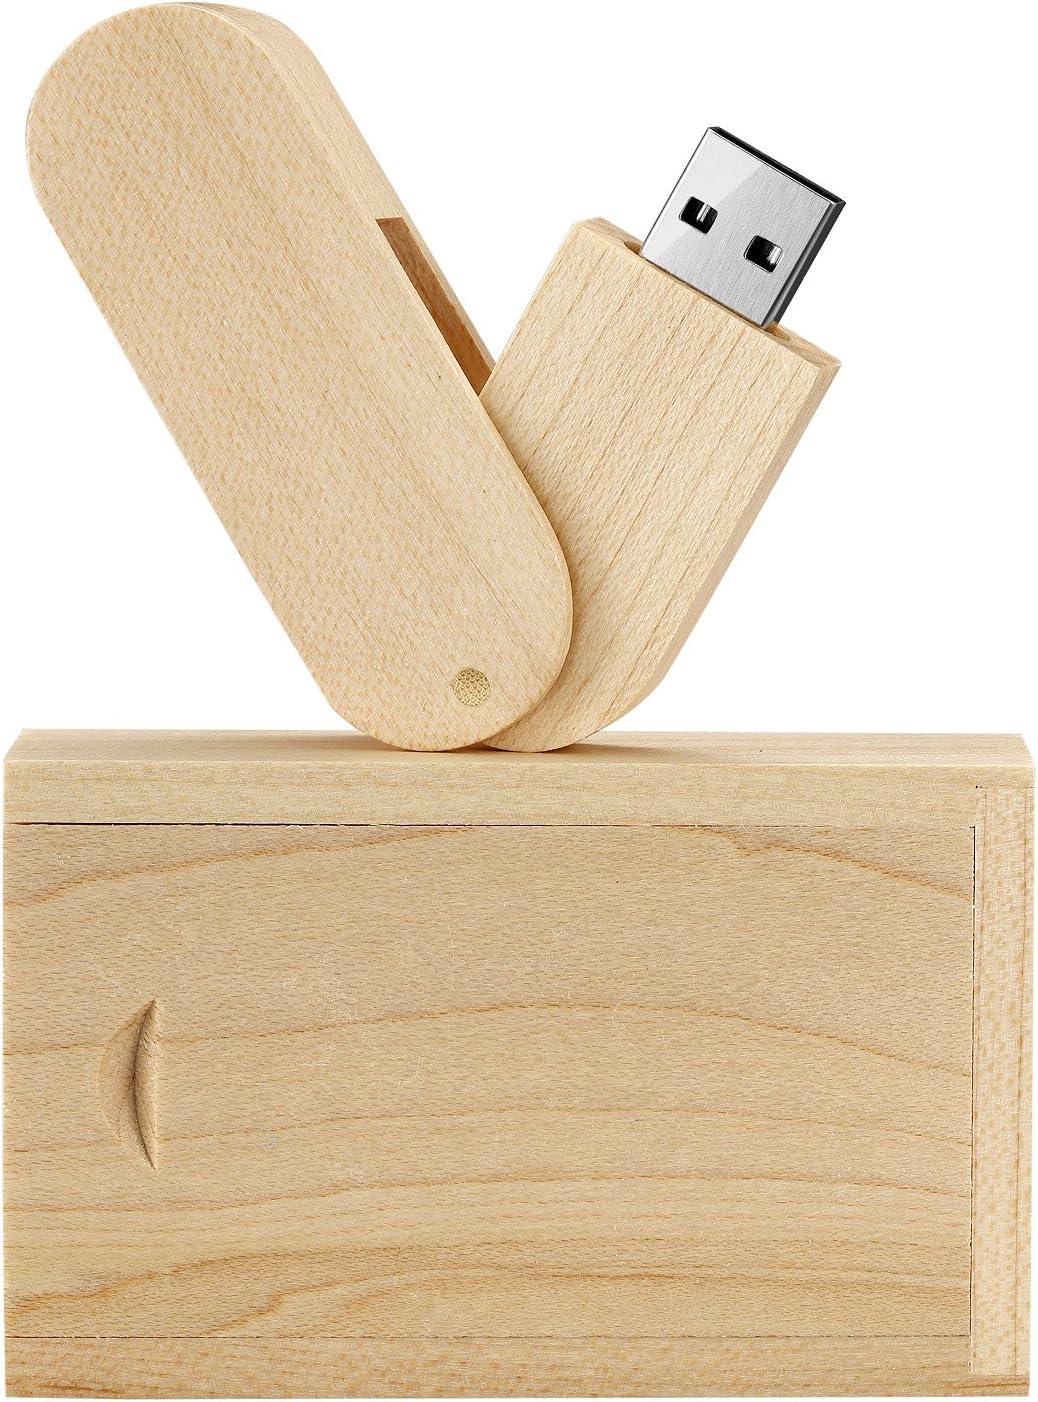 Leaders 16.0 GB Rotación Maciza Memoria USB Almacenamiento de Datos Flash USB 2.0 Memory Stick Pendrive con Caja de Madera: Amazon.es: Electrónica